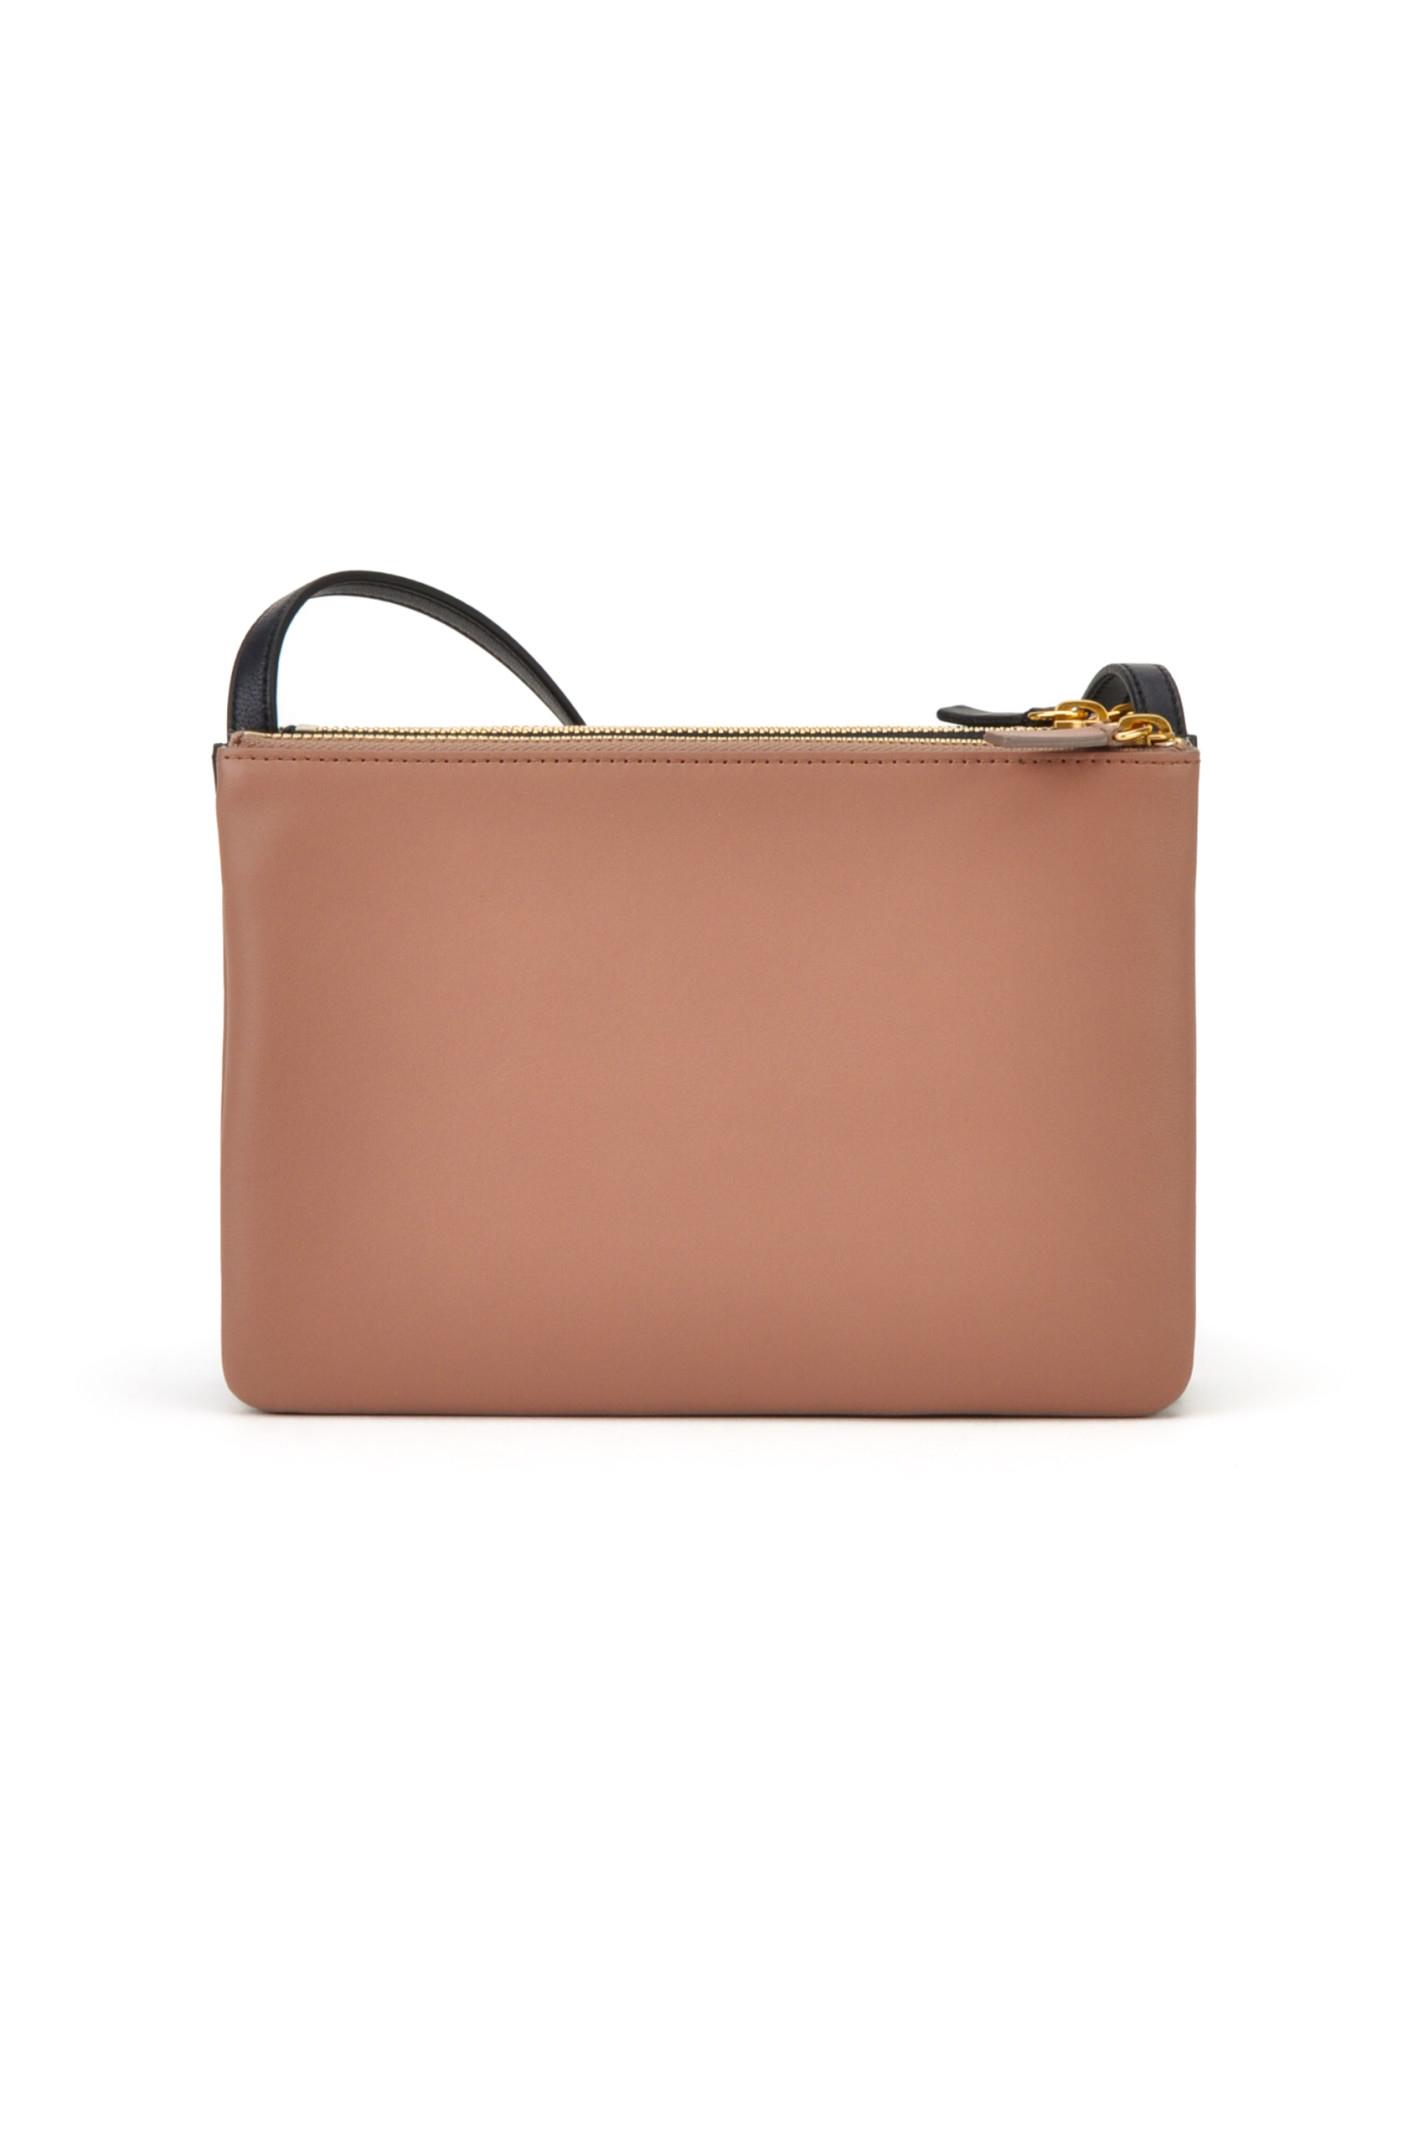 celine handbags online shop usa celine handbag online. Black Bedroom Furniture Sets. Home Design Ideas